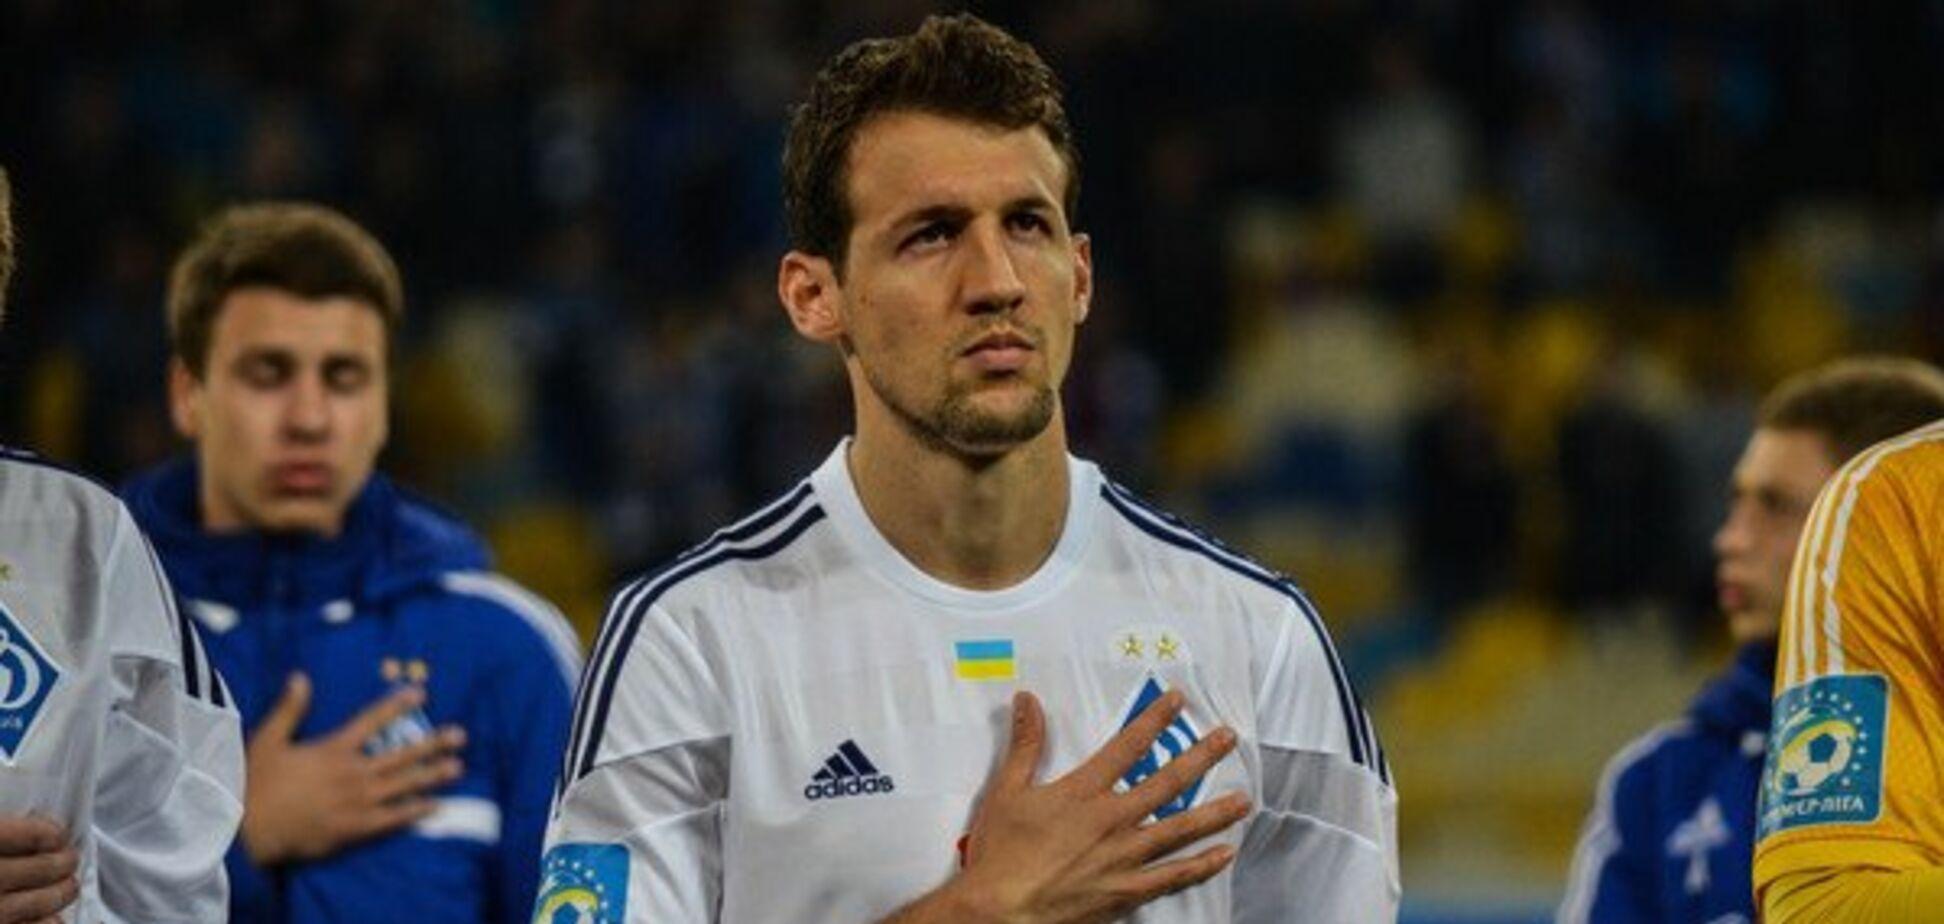 'Слава Україні!' Екслегіонер 'Динамо' відзначився яскравим перфомансом у мережі